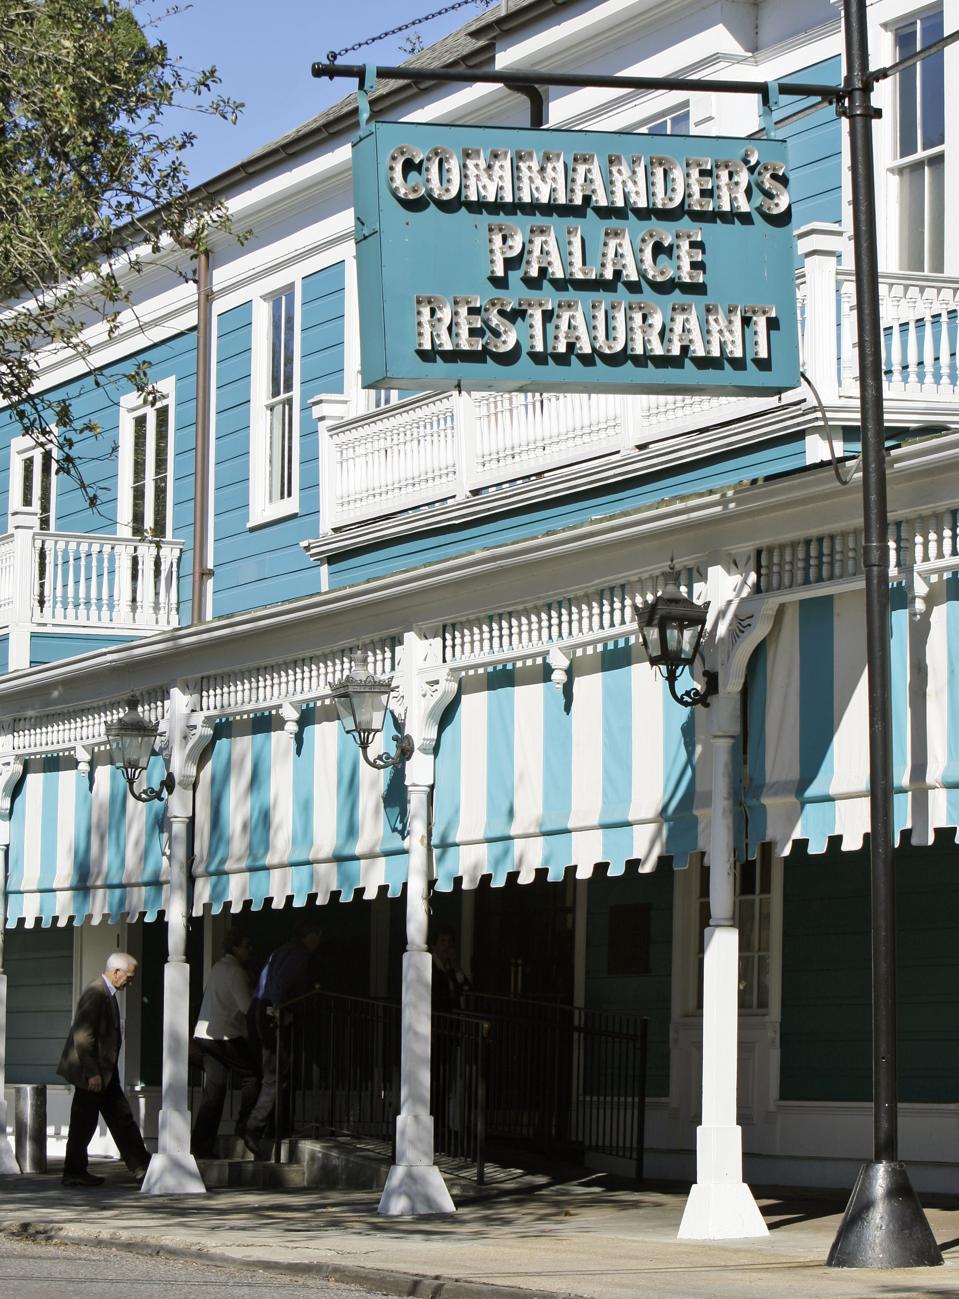 Travel Trip New Orleans Restaurants